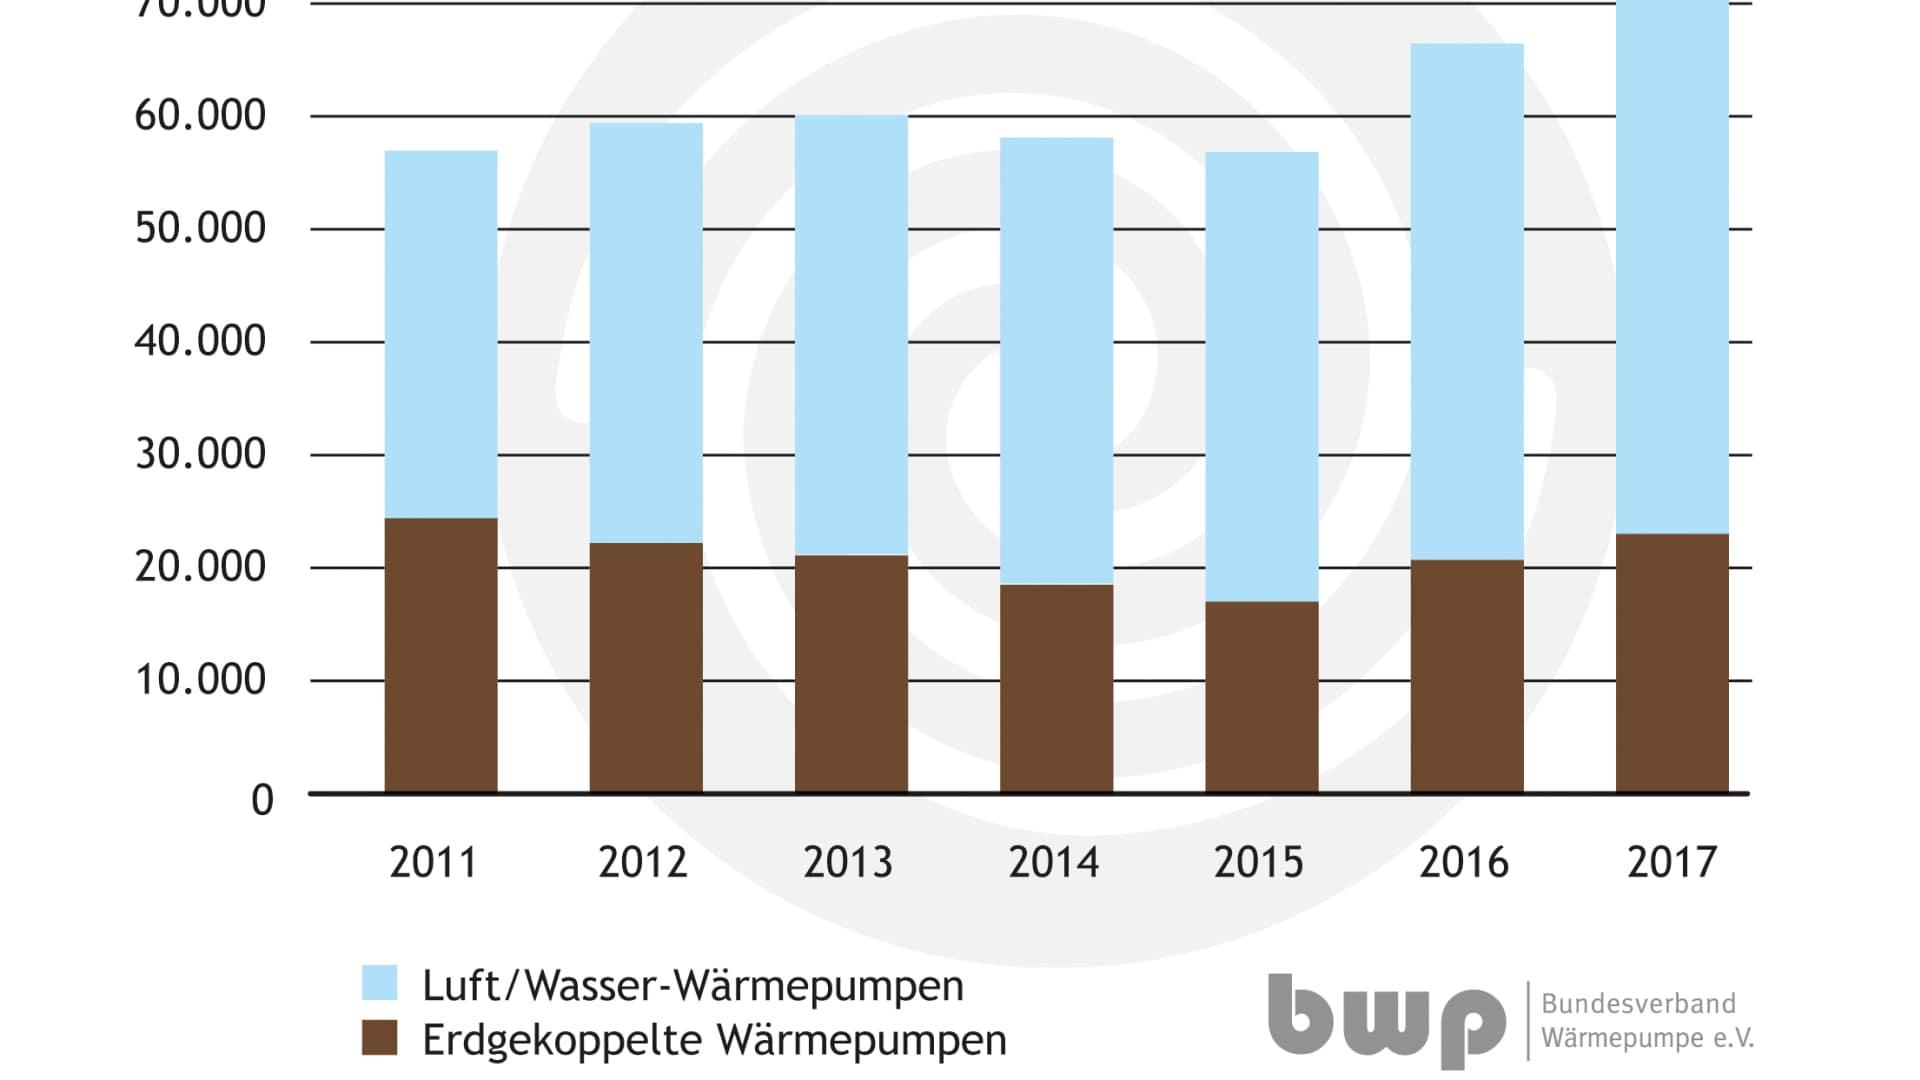 Absatzzahlen für Heizungswärmepumpen in Deutschland 2011 bis 2017